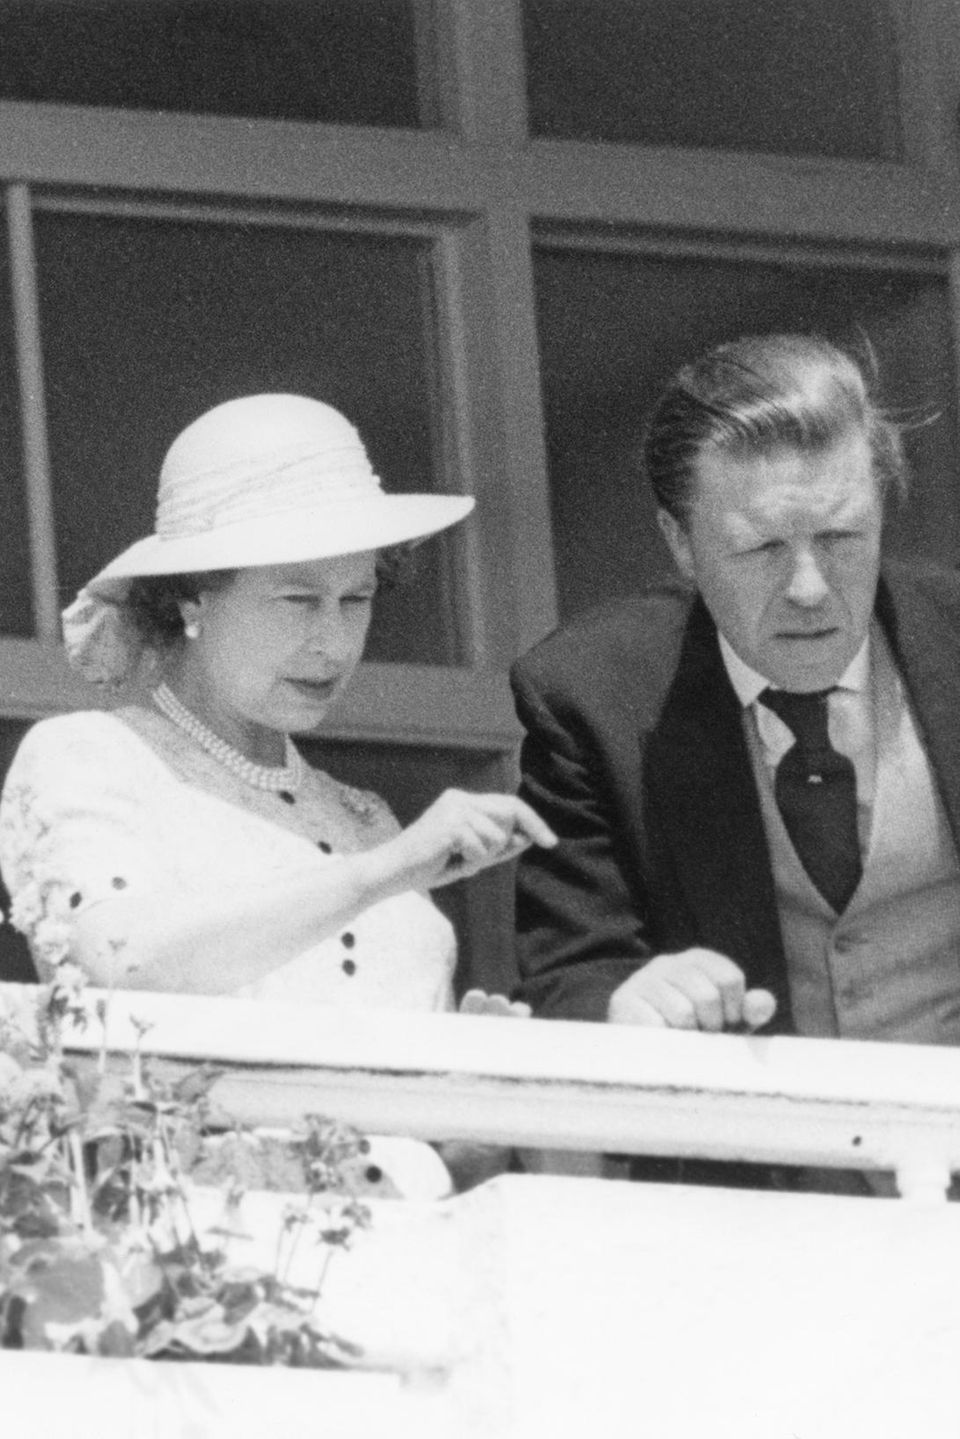 Sir Michael Oswald begleitete Queen Elizabeth oft zu Pferderennen – wie hier bei einem Derby im Juni 1980.